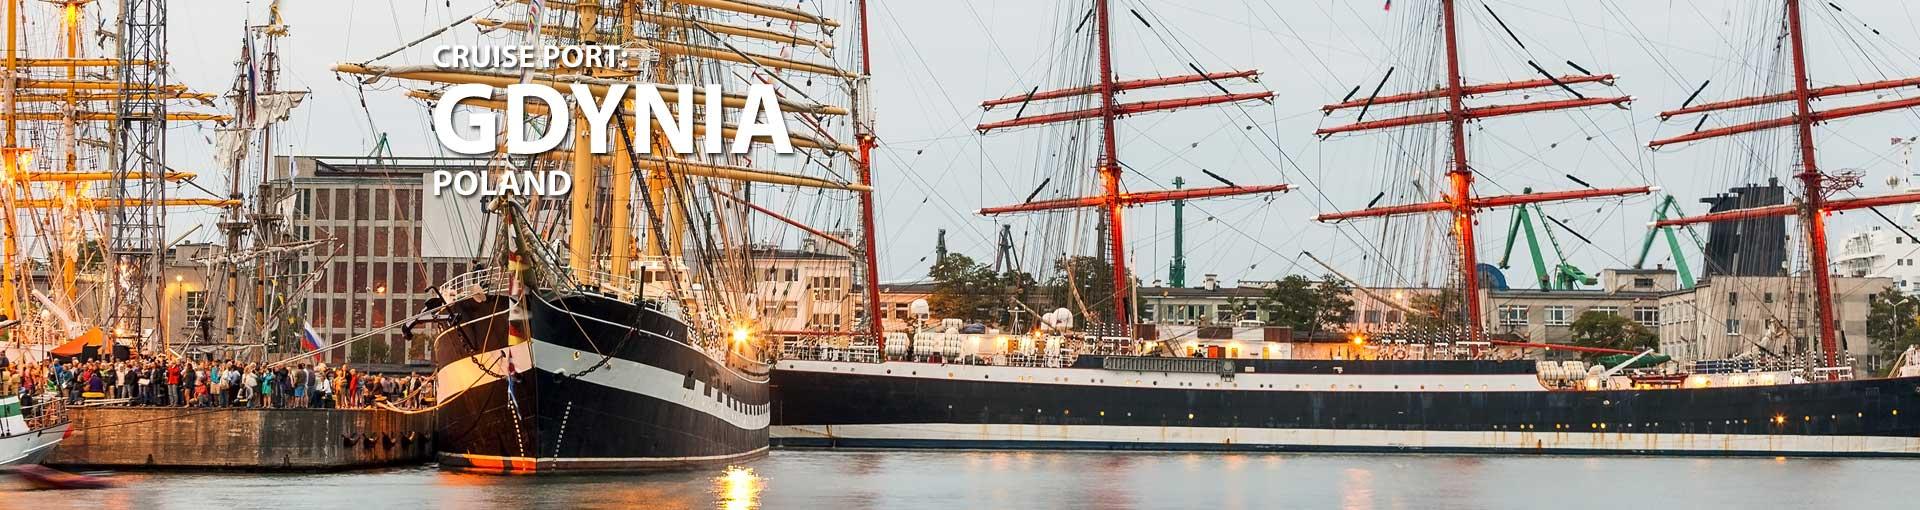 Cruises to Gdynia, Poland